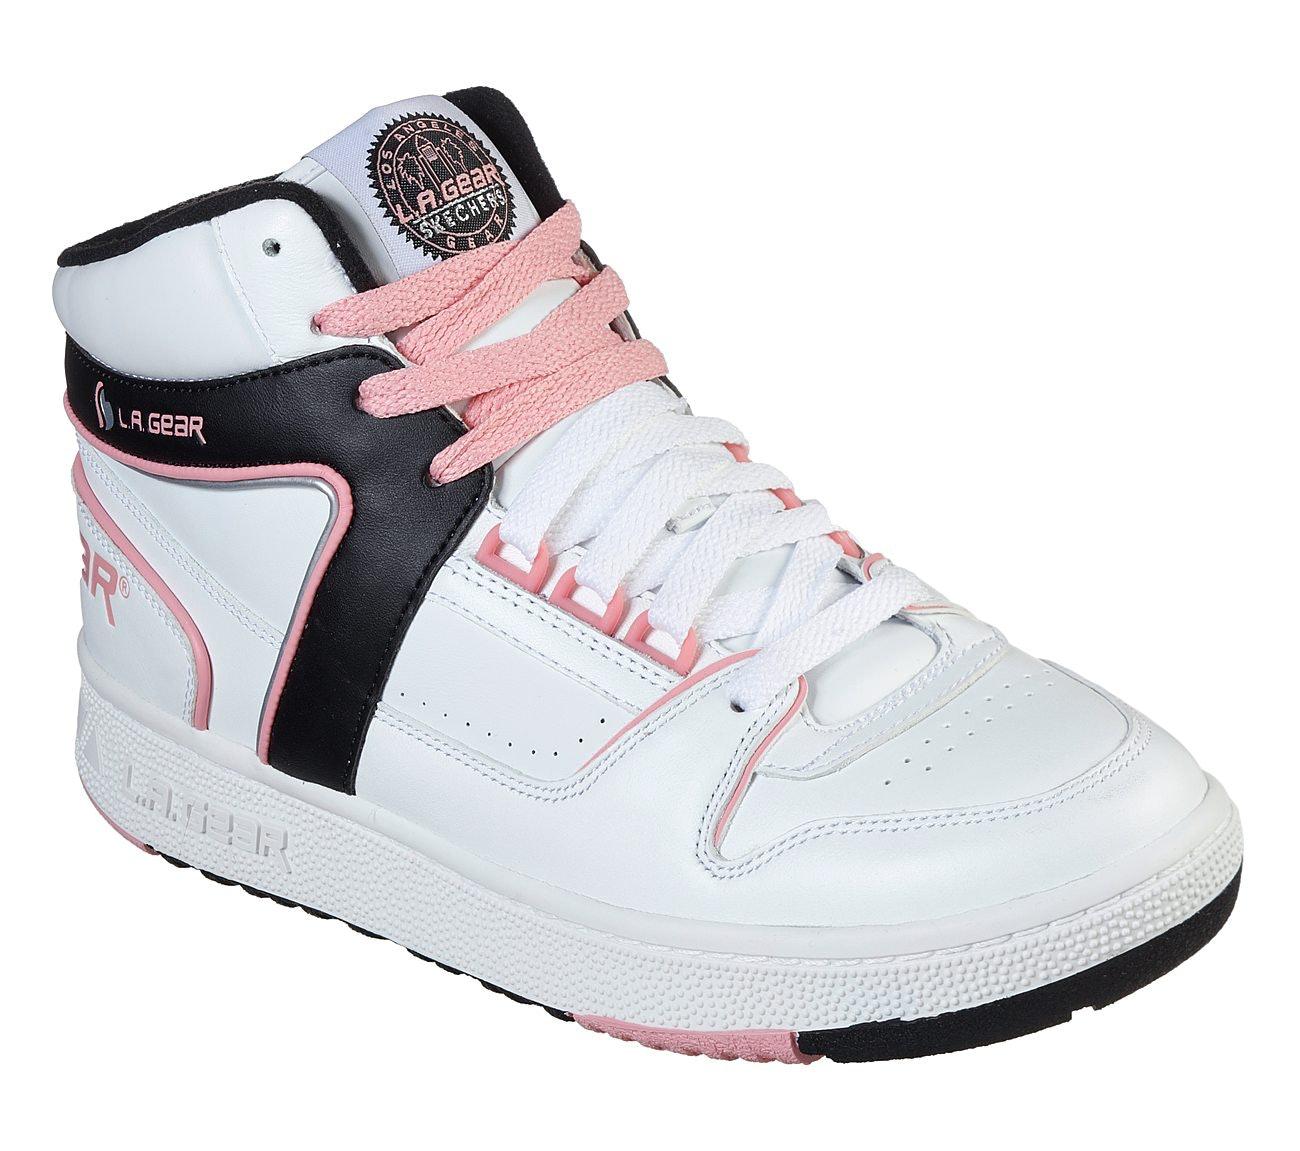 Skechers \u0026 L.A. Gear's Slammer Shoe